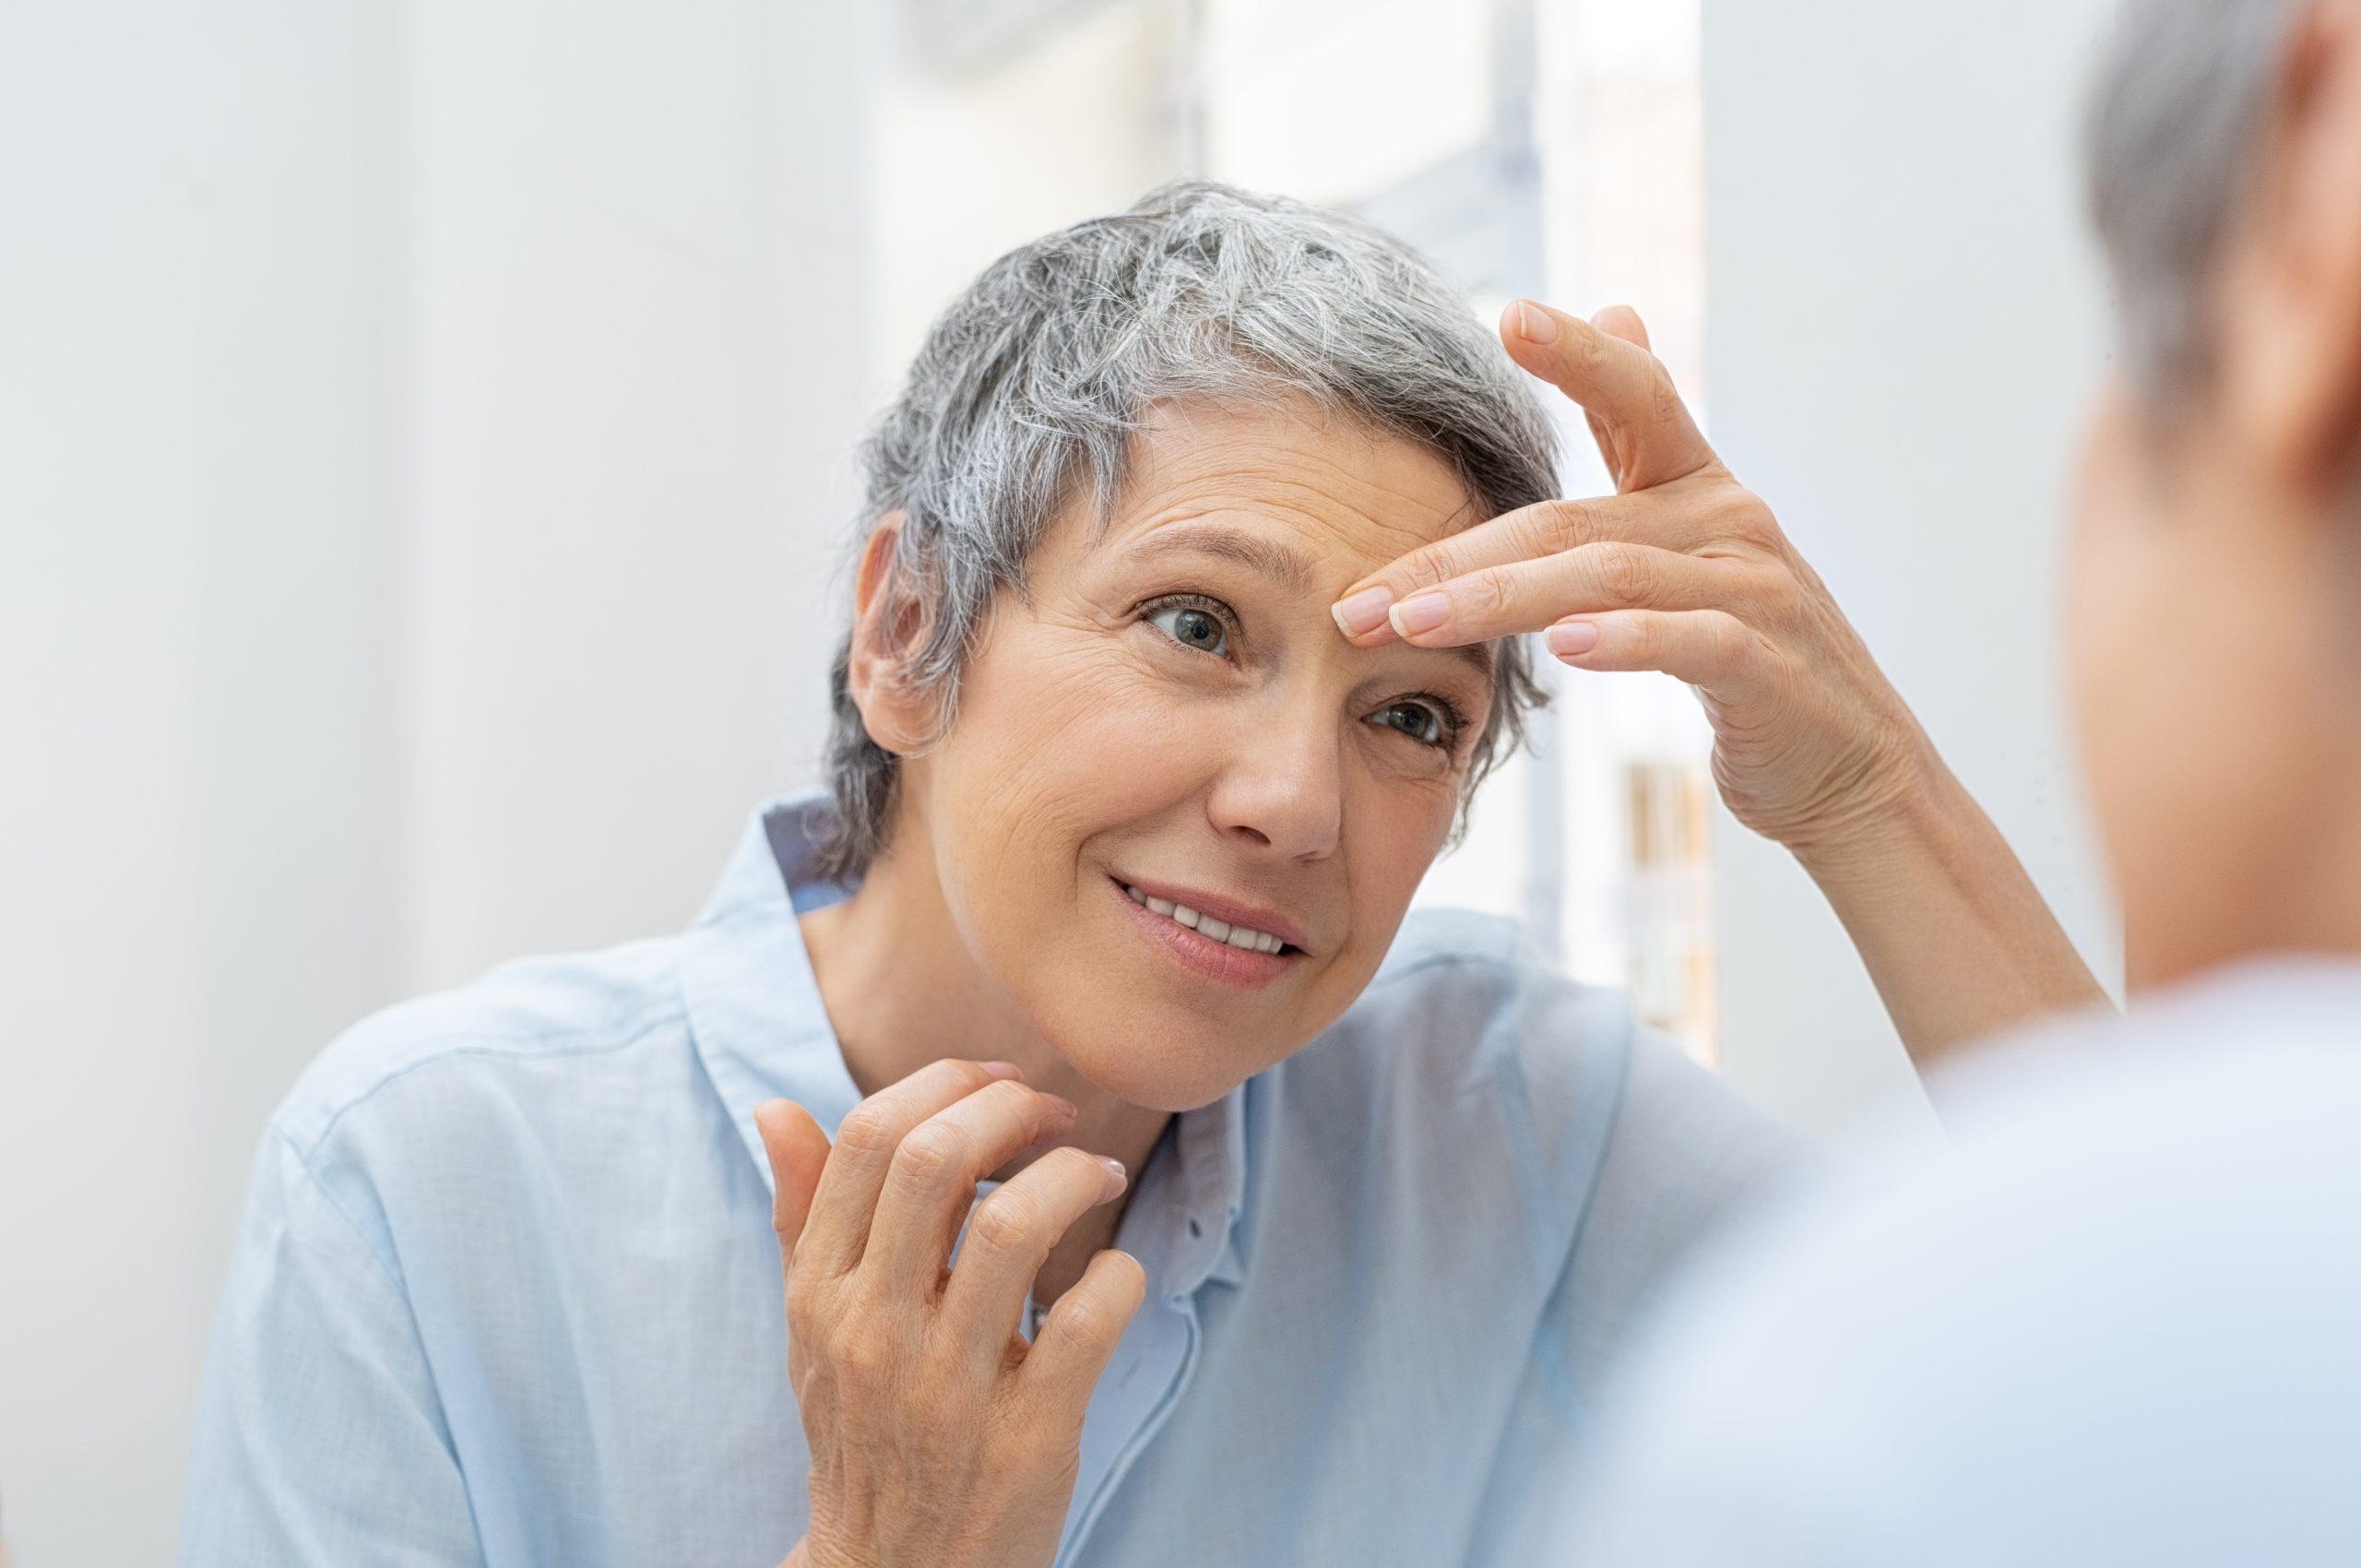 Dermatologia personalizada: como funciona e quais procedimentos estão em alta